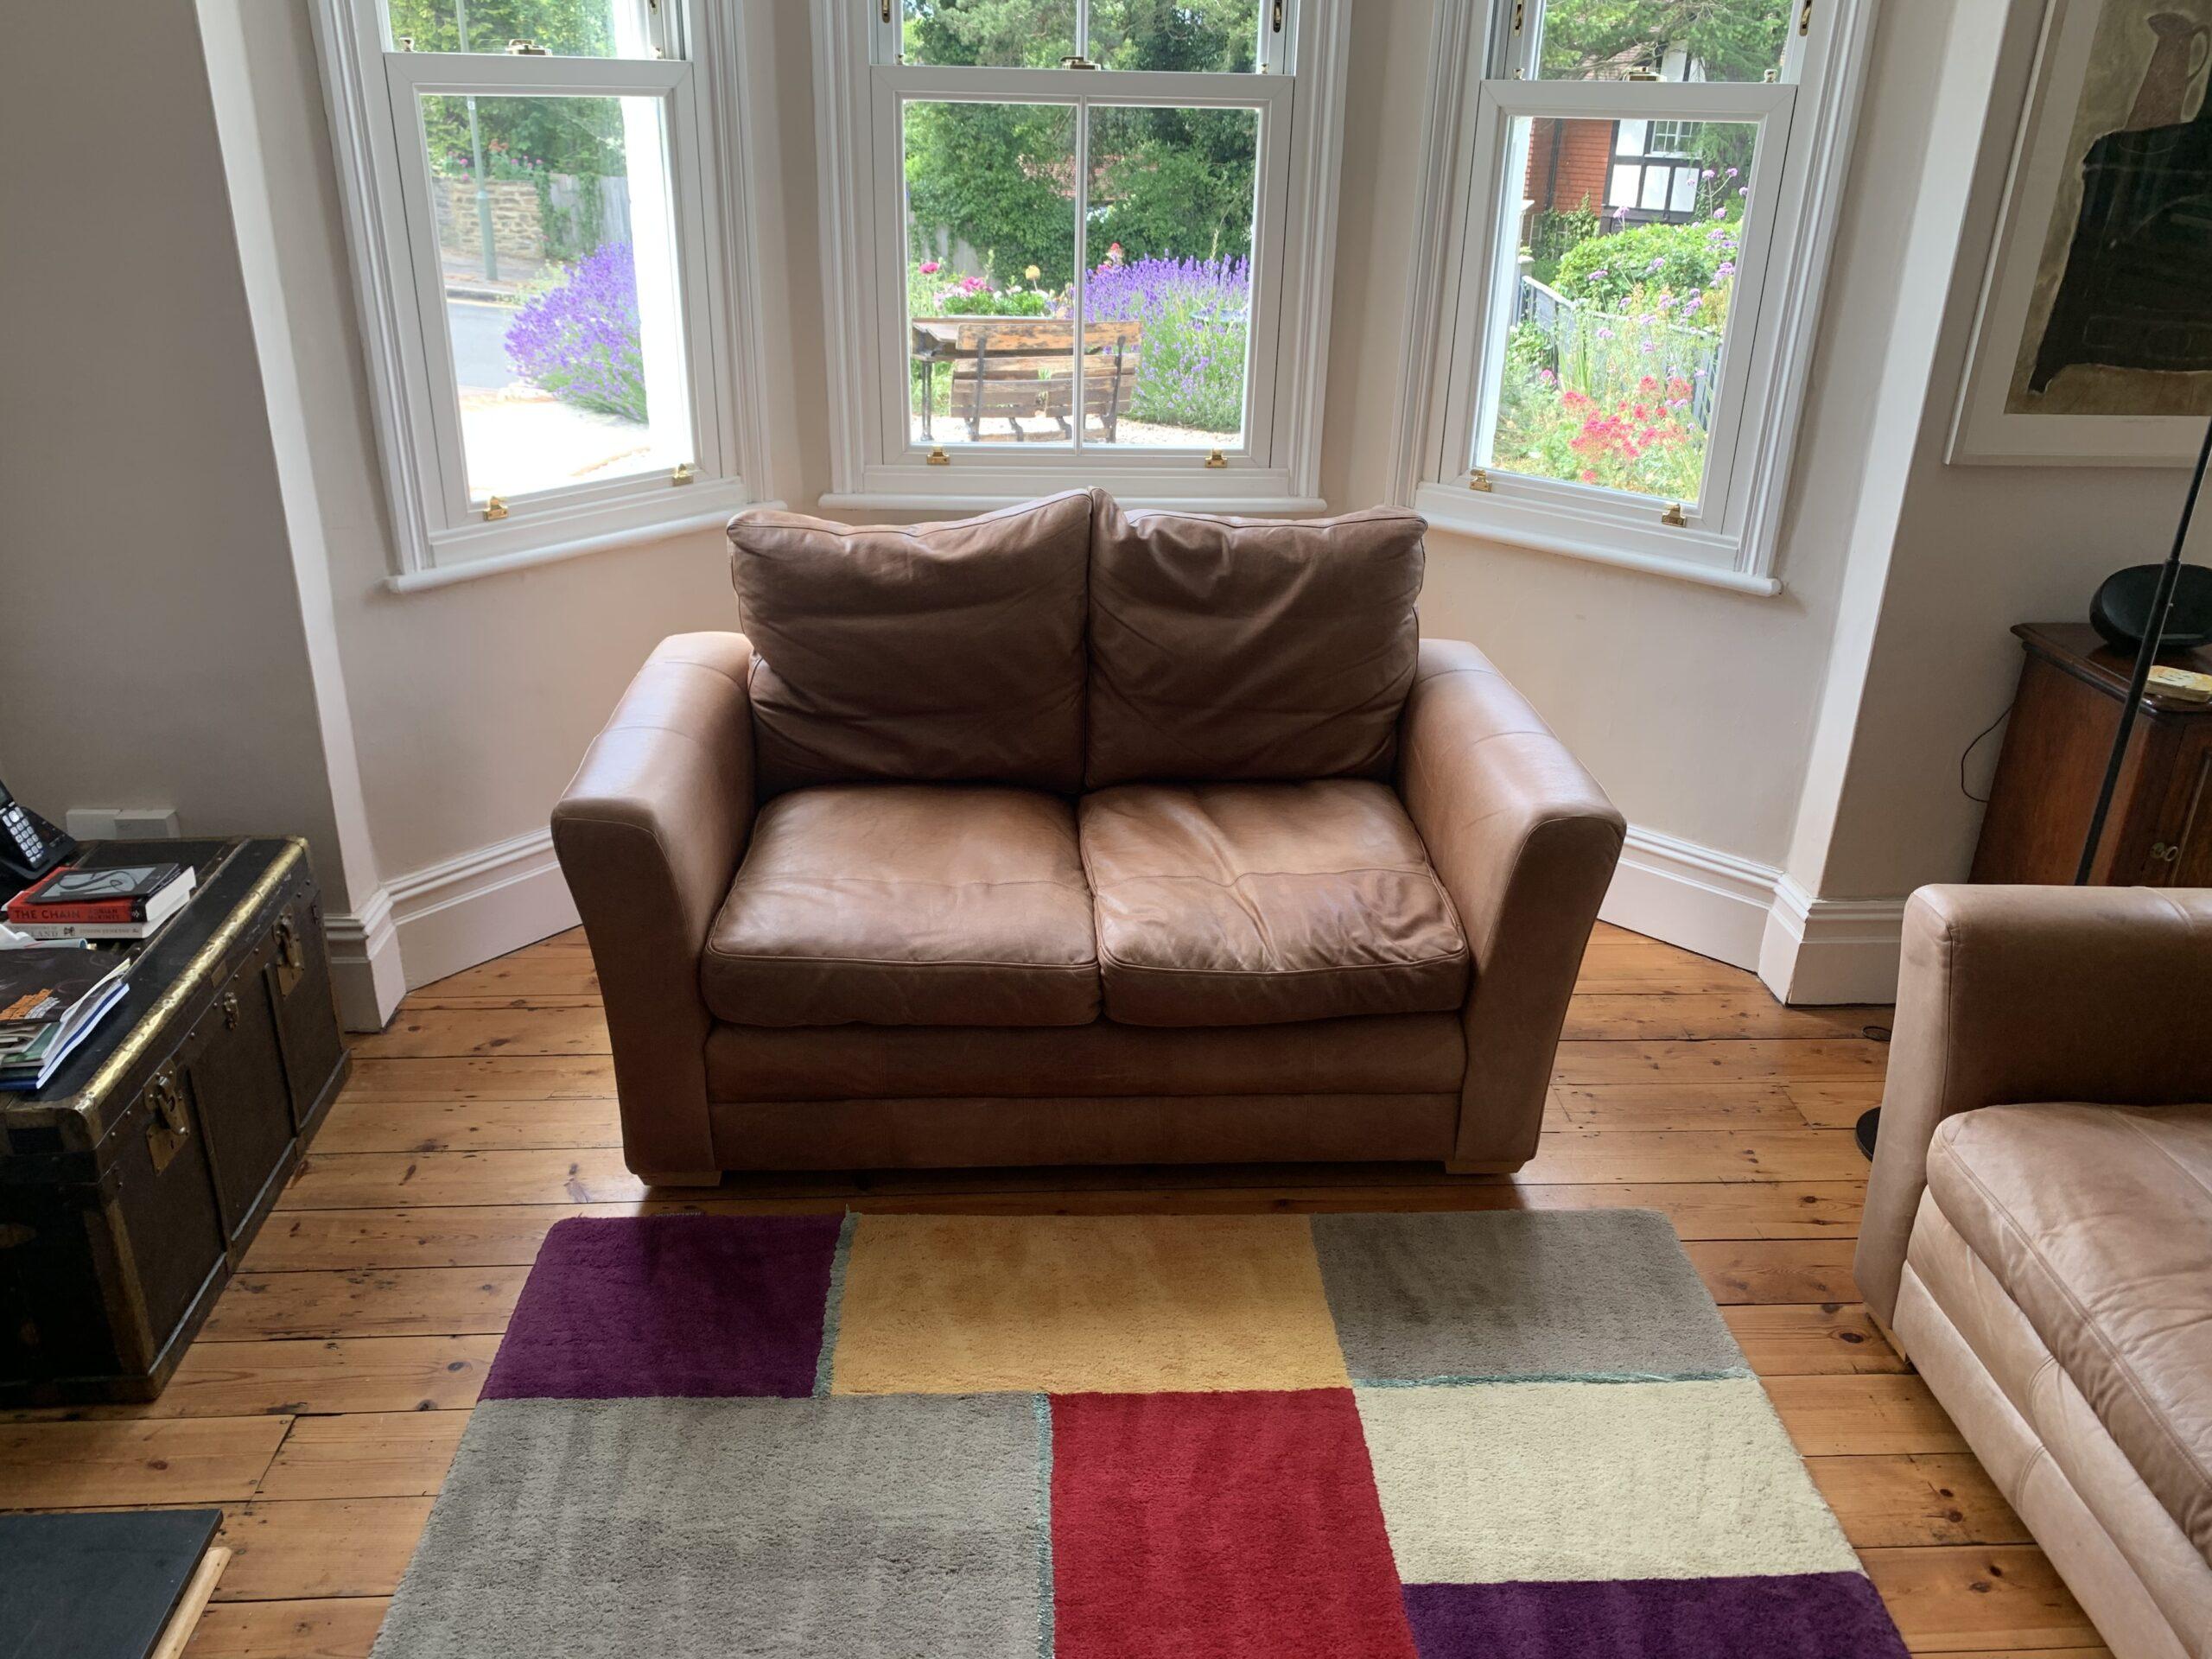 Brown Sofa Under Window